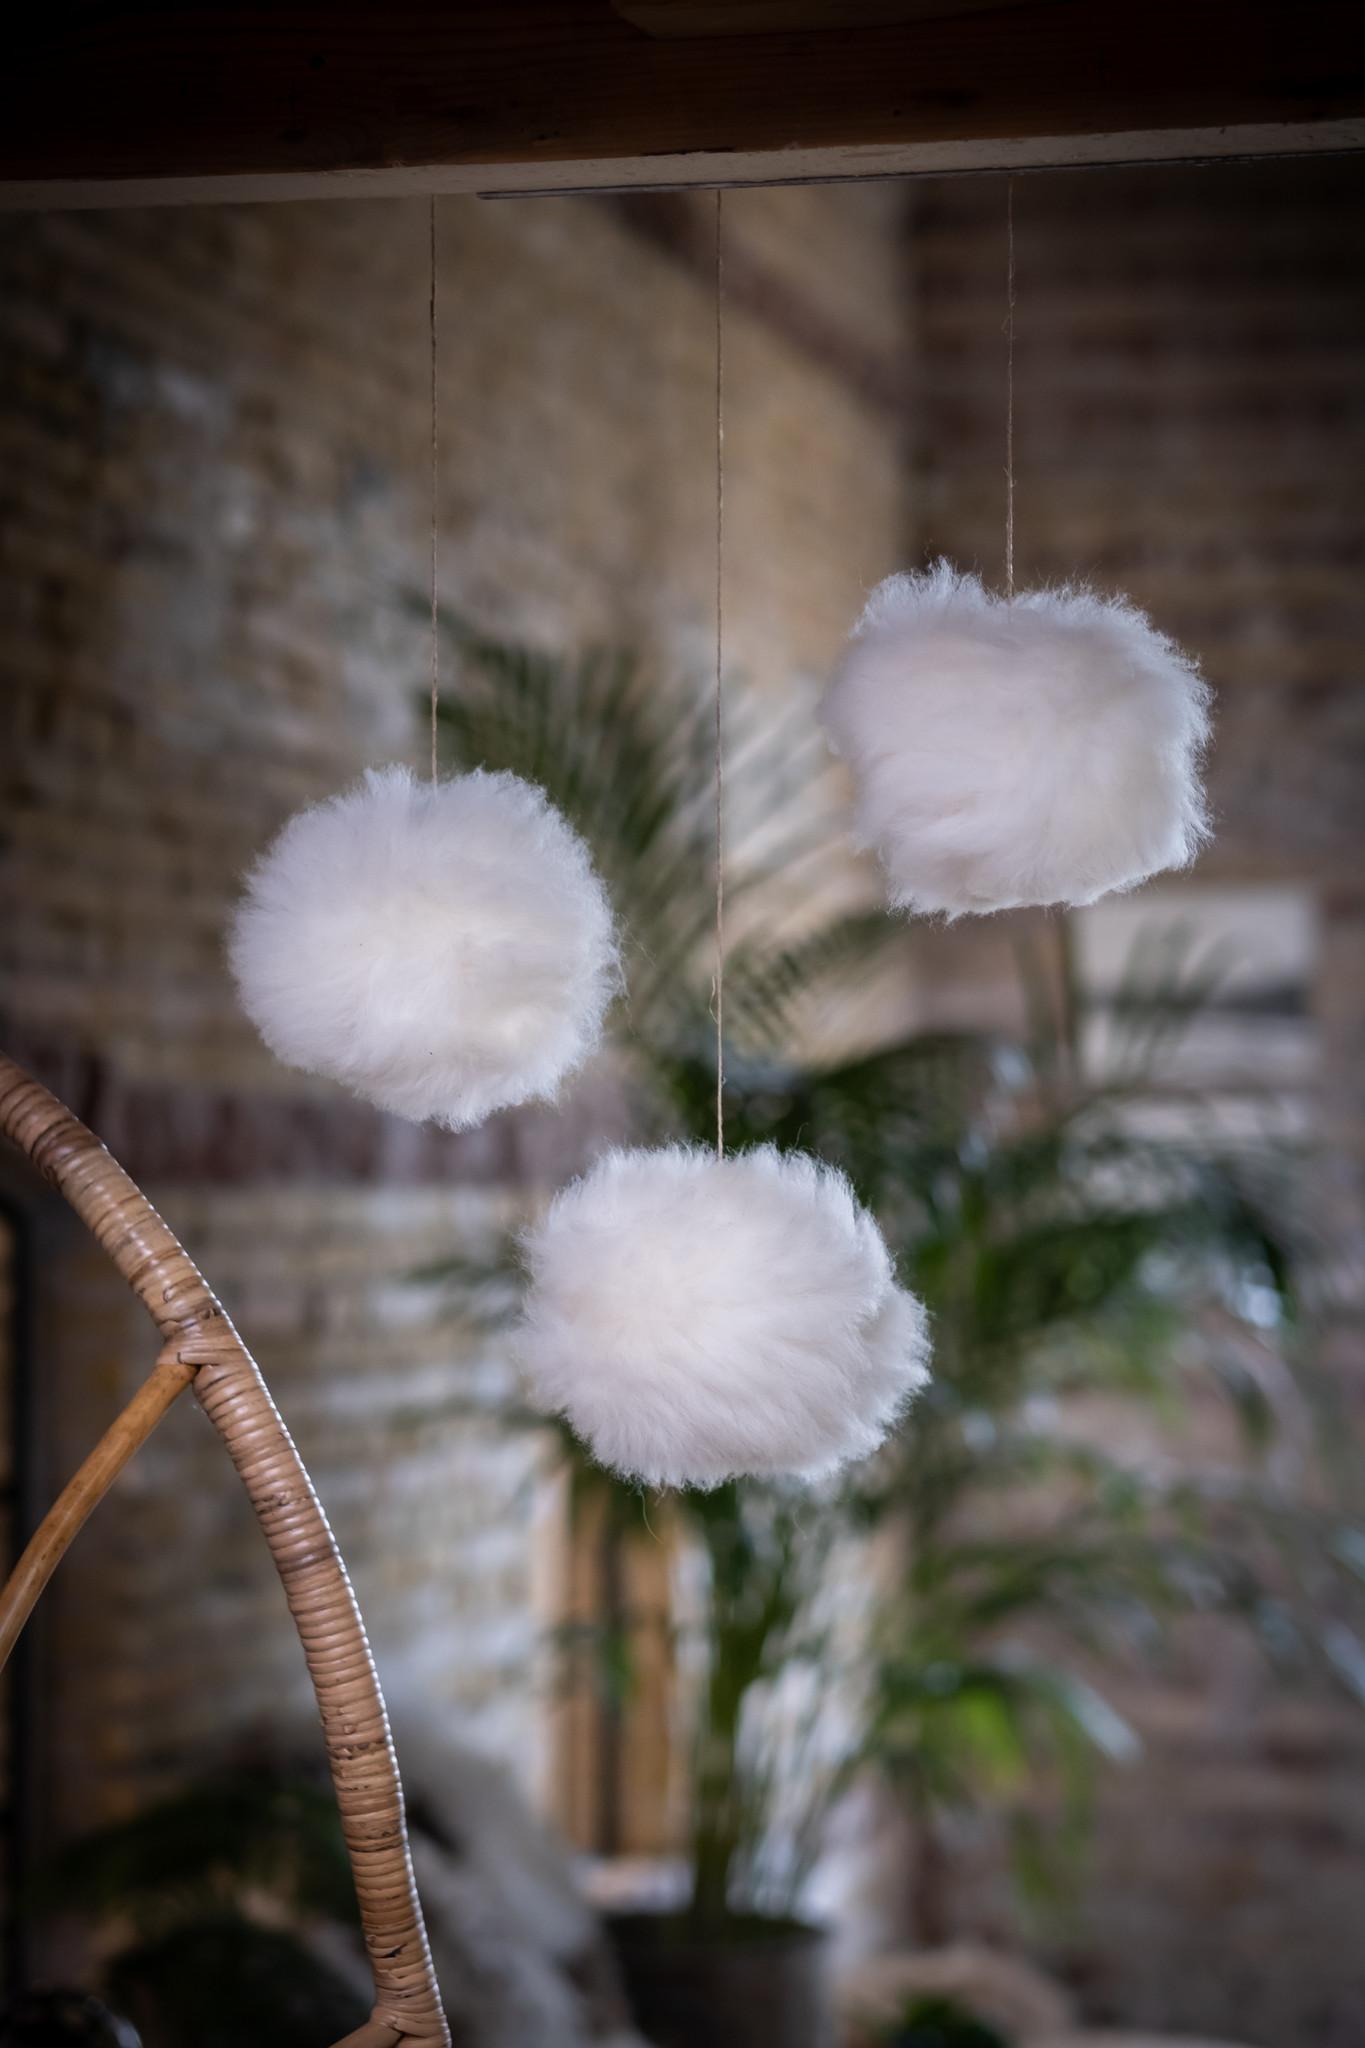 Van Buren Decoratieve sneeuwballen van schapenvacht